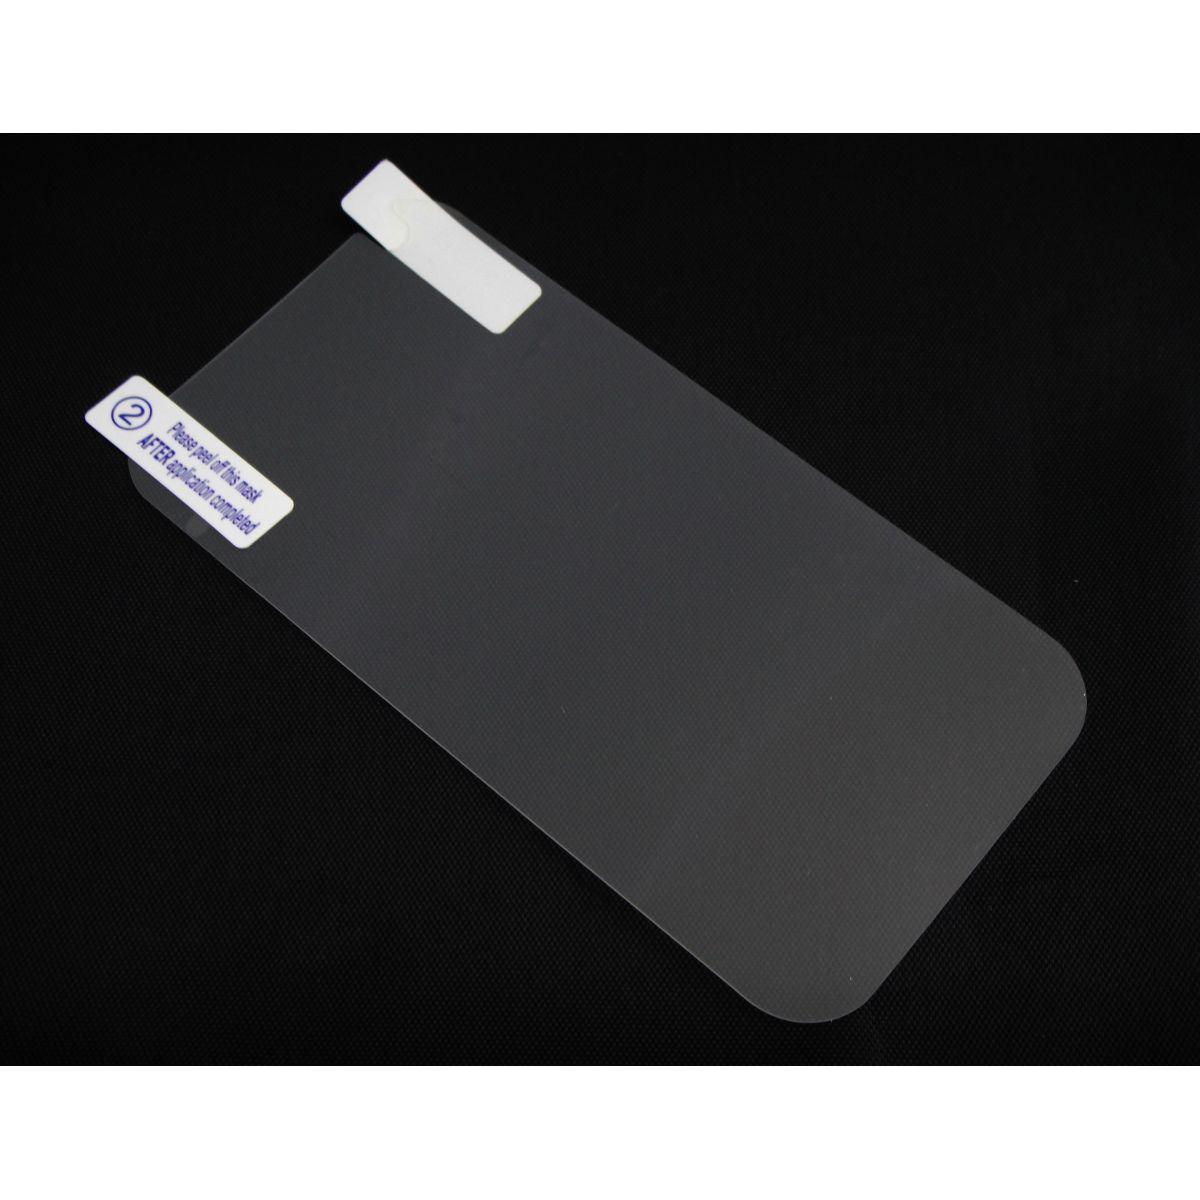 Pelicula Protetora CCE SK402 Motion Plus Transparente